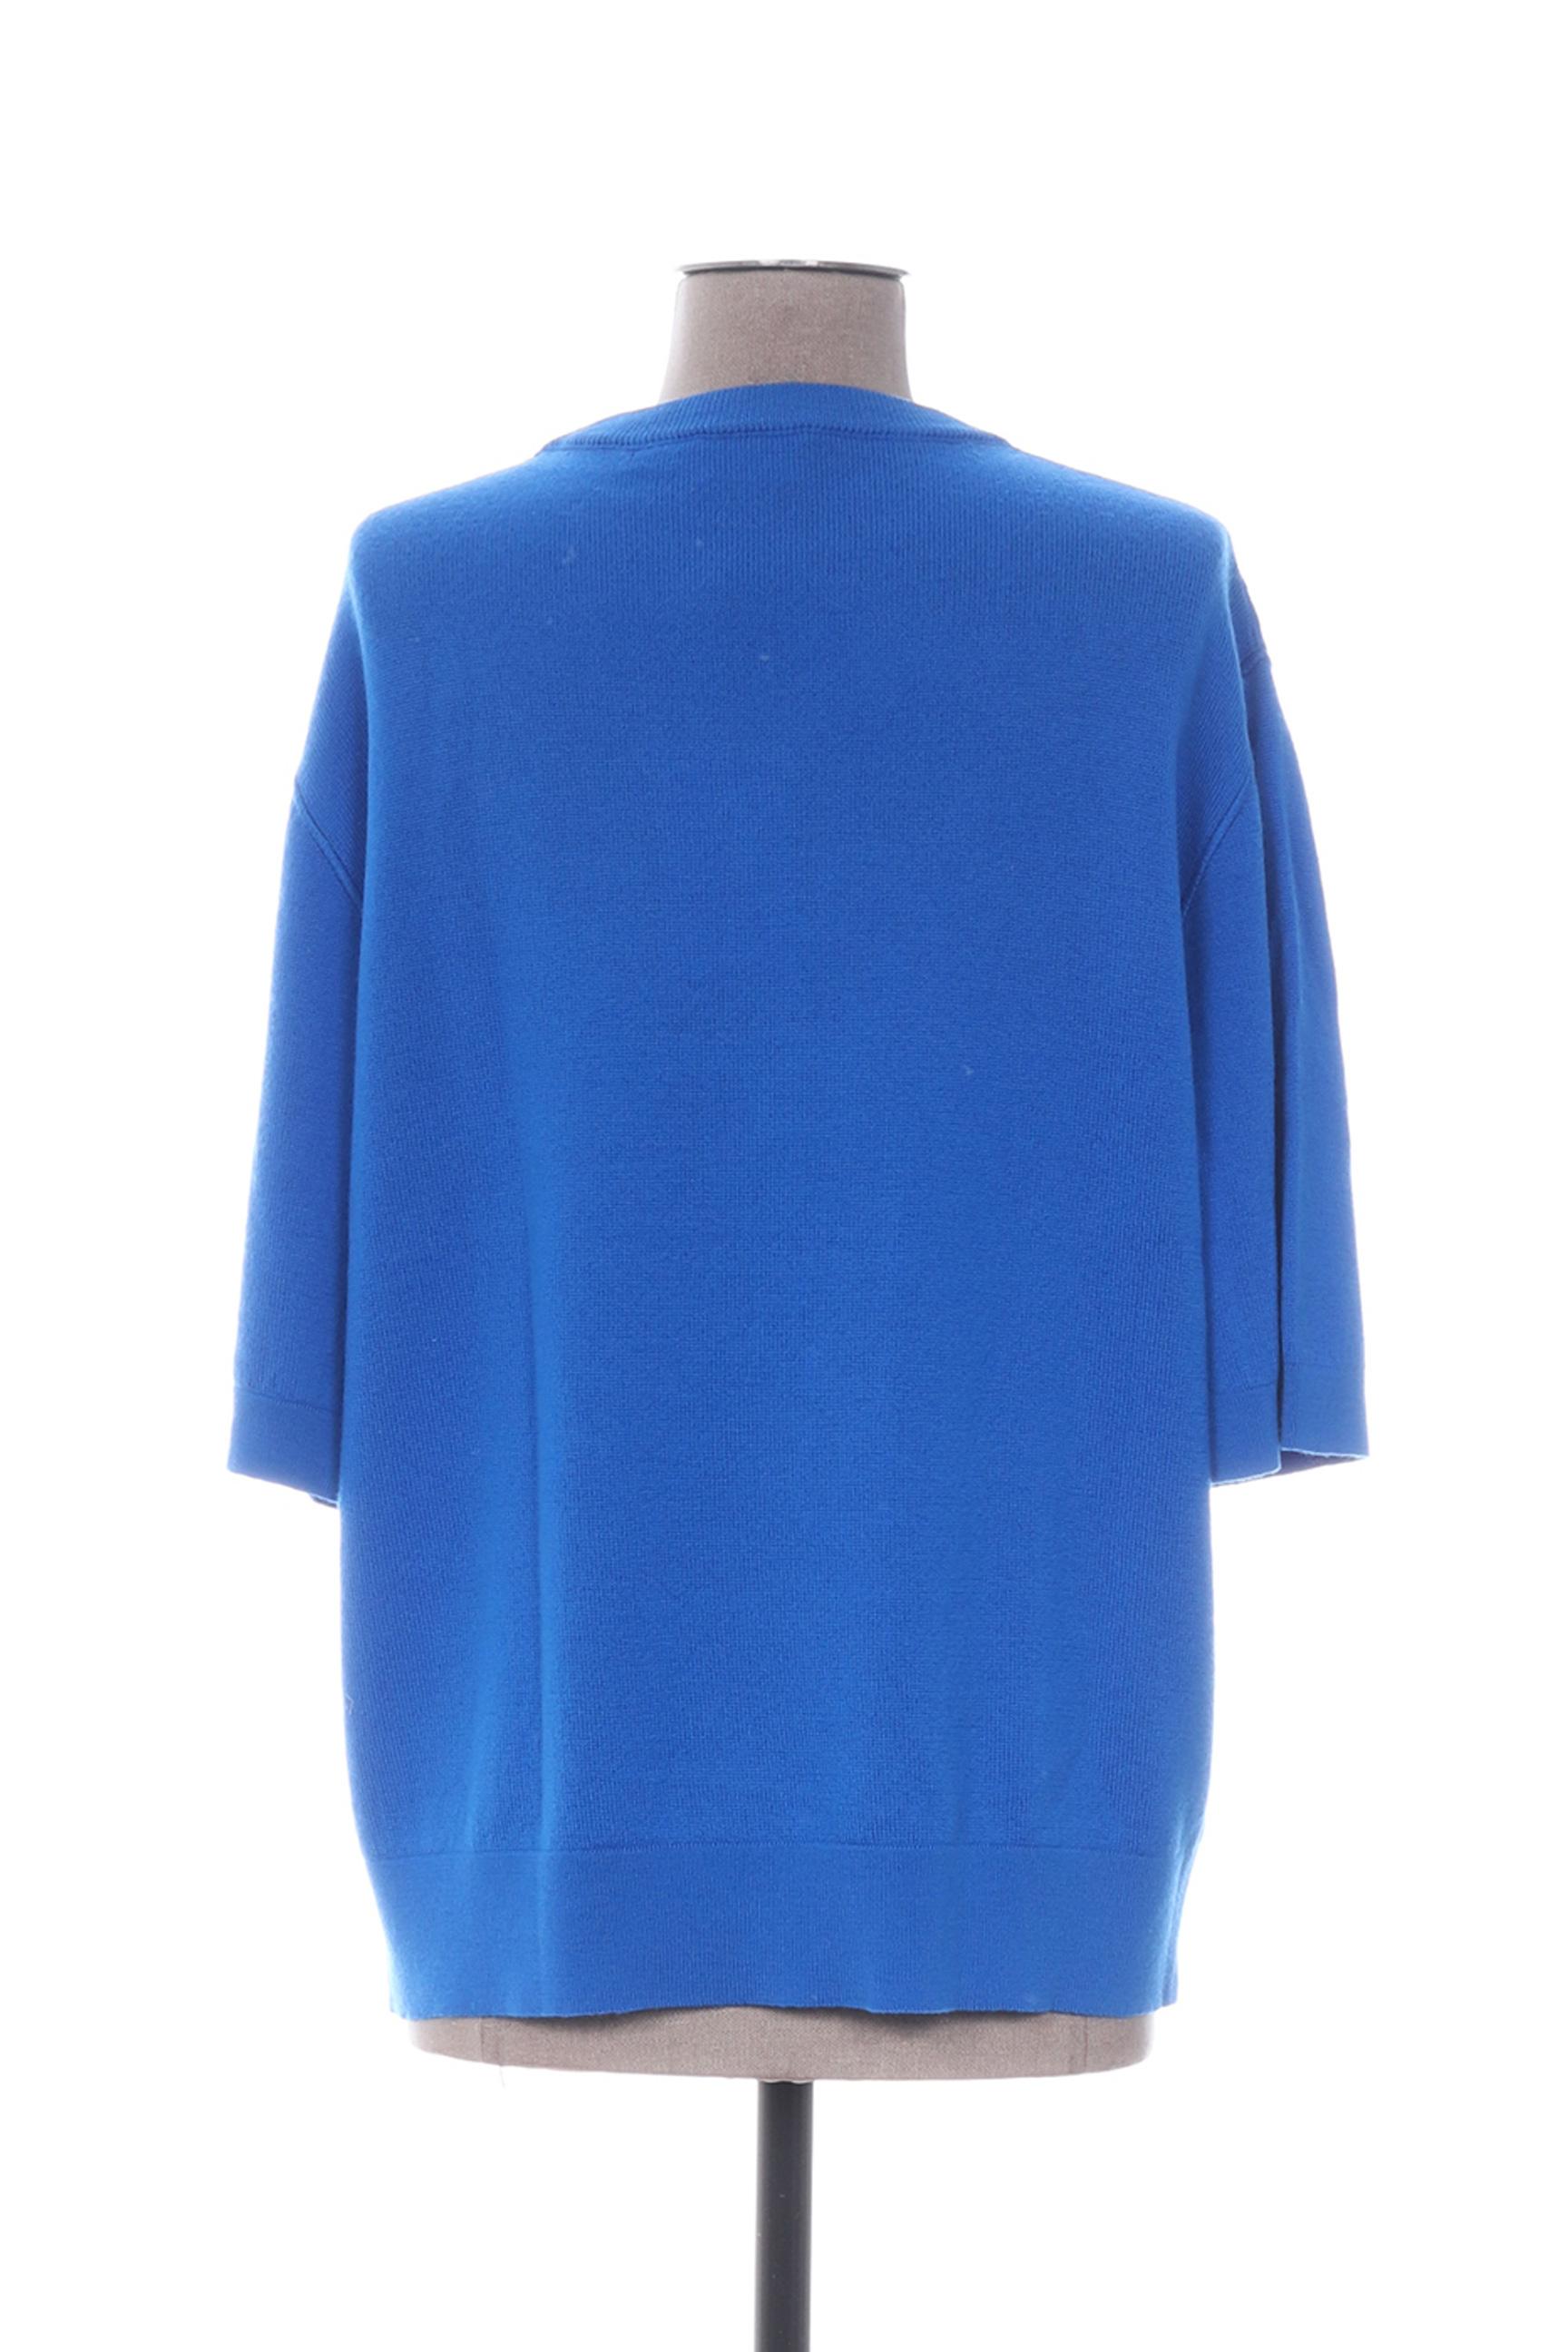 Laurence Bras Cols Ronds Femme De Couleur Bleu En Soldes Pas Cher 1297081-bleu00